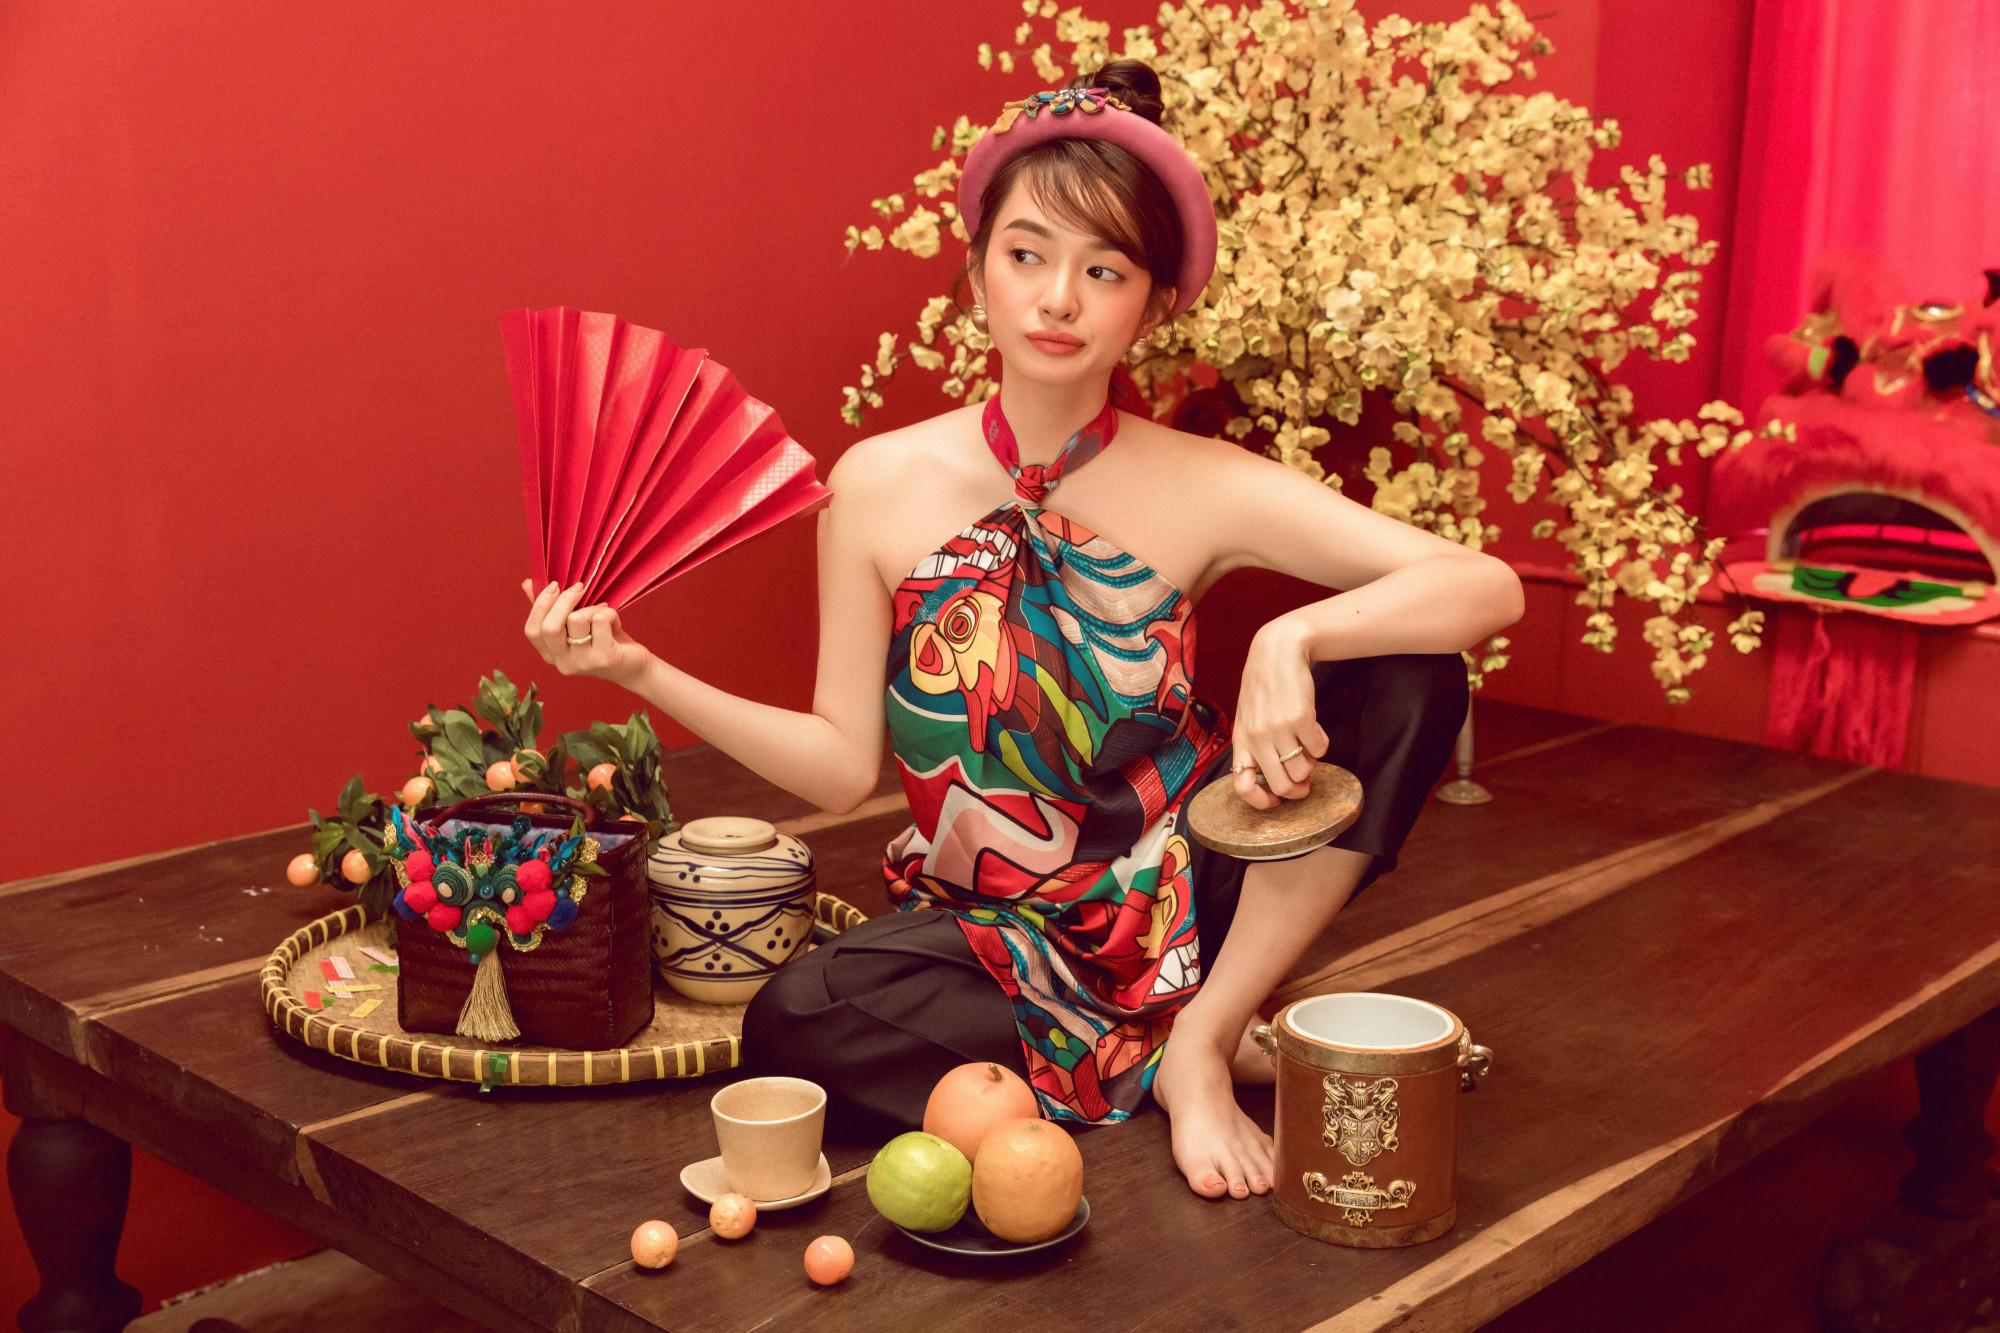 Từ bỏ phong cách quyến rũ thường thấy, Kaity Nguyễn lột xác khi hóa thân thành nàng xuân miền Bắc lém lỉnh, đáng yêu.